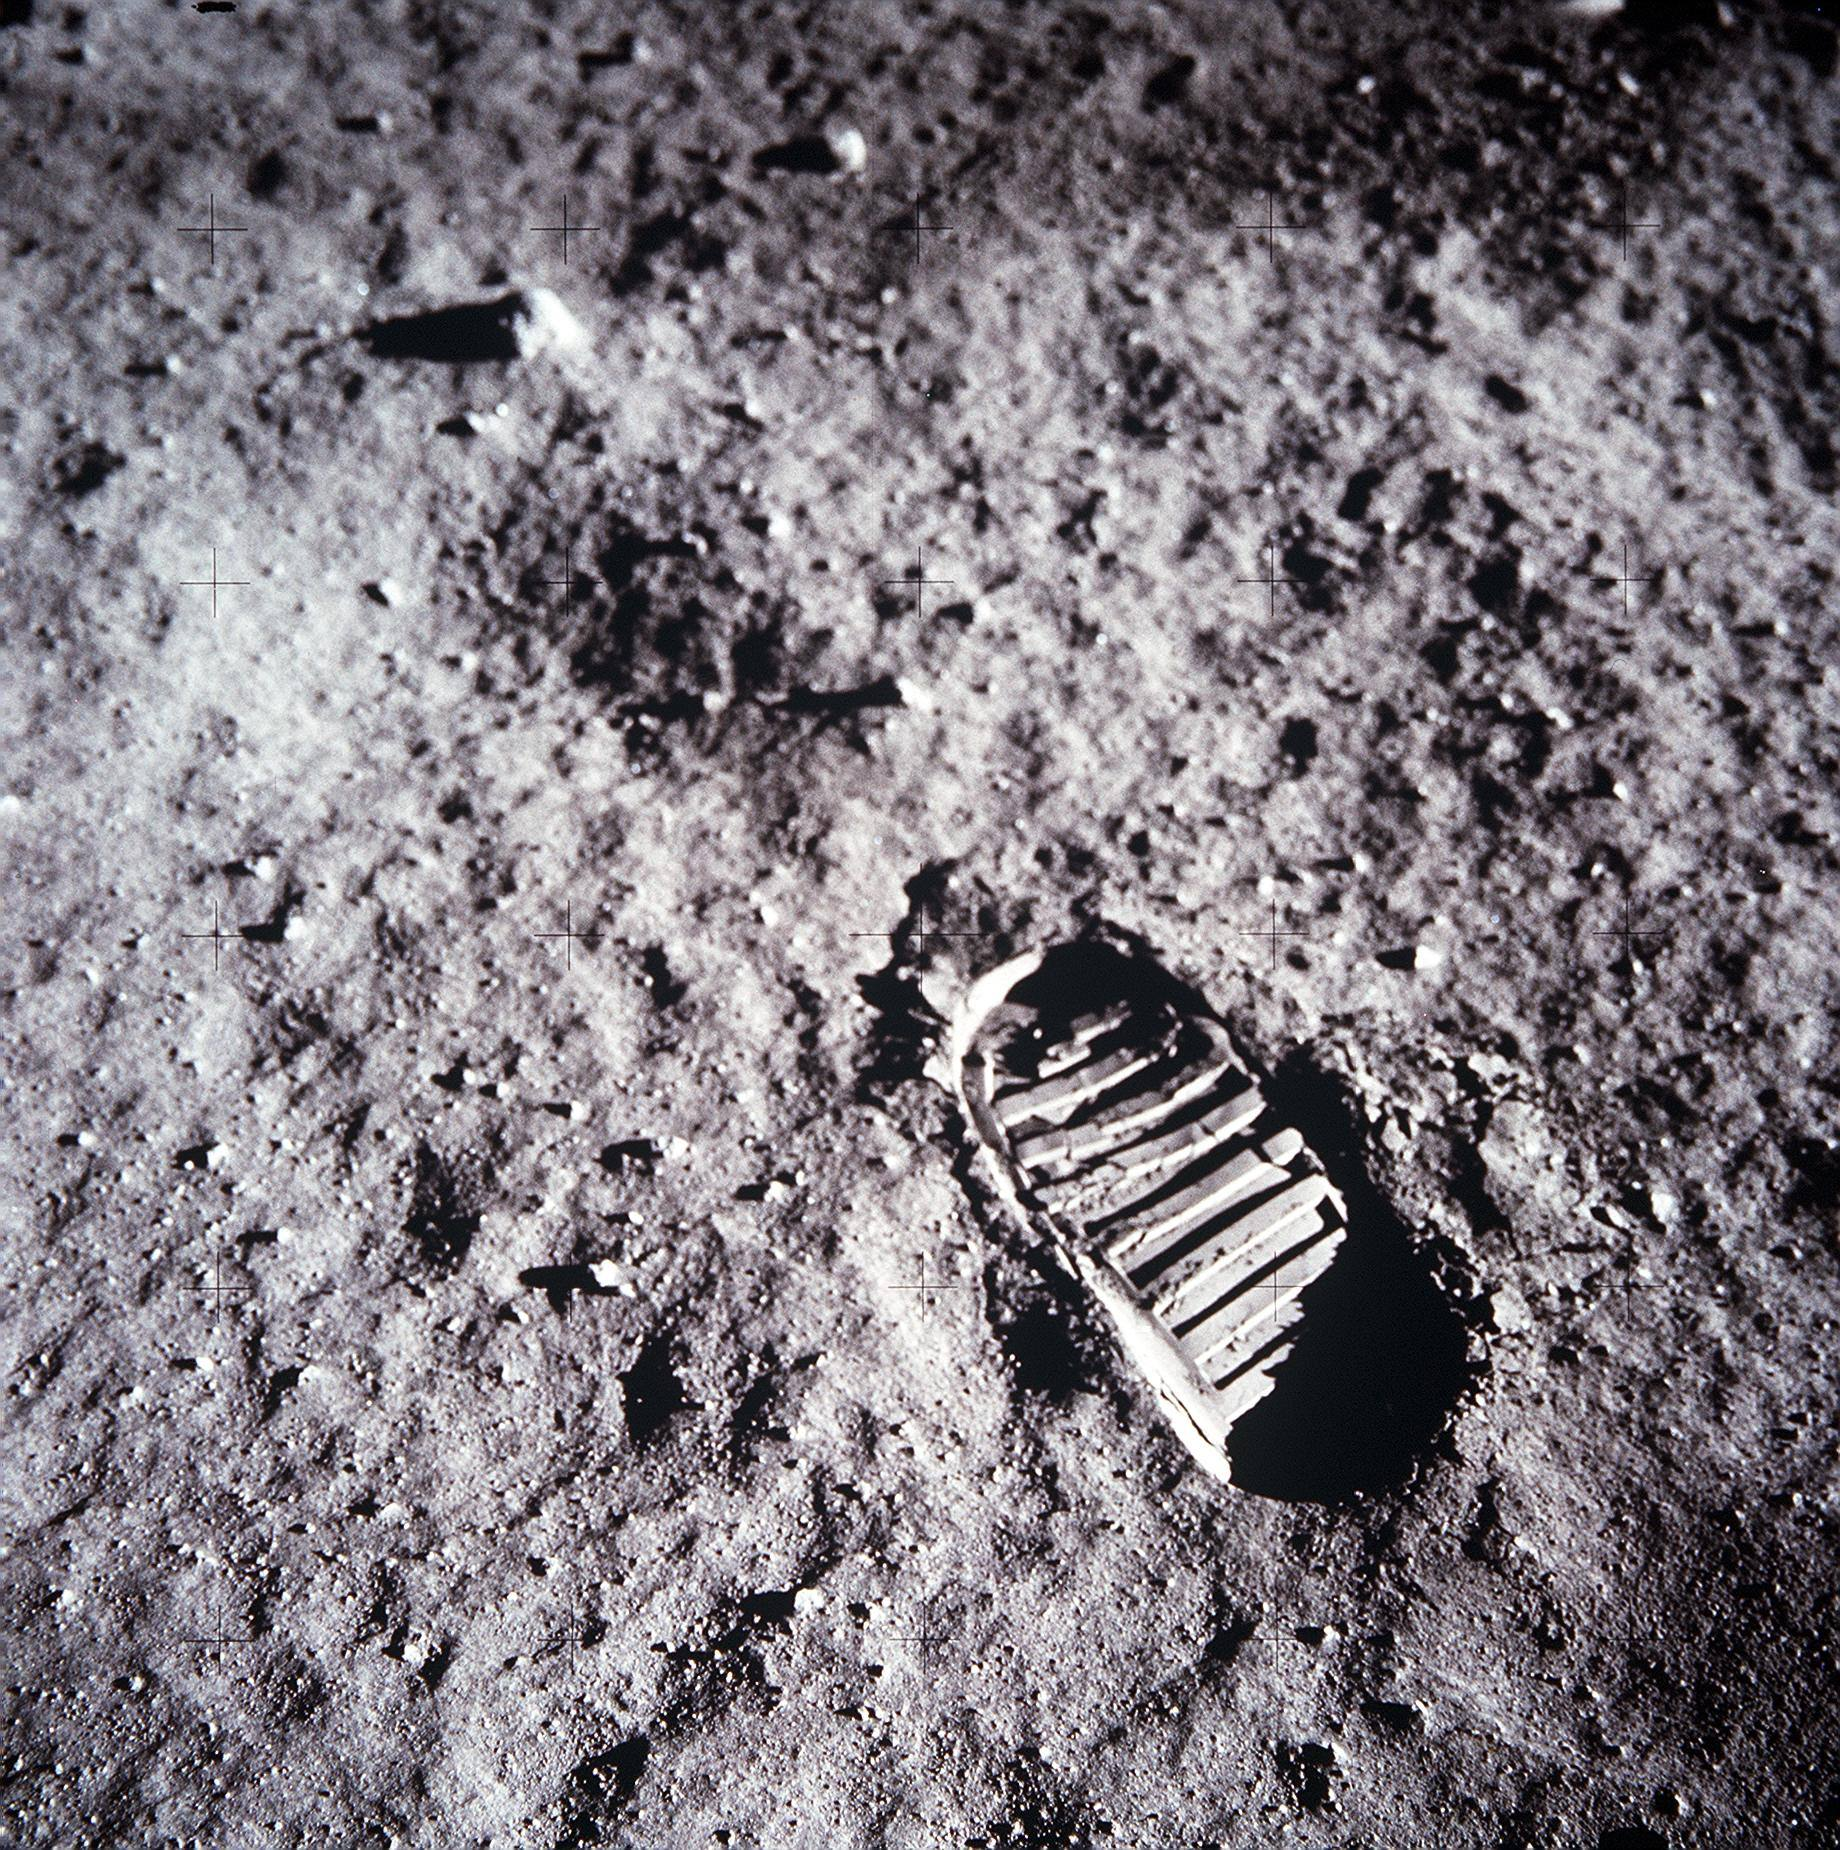 Apollo 11 astronaut Buzz Aldrin's bootprint in the lunar soil